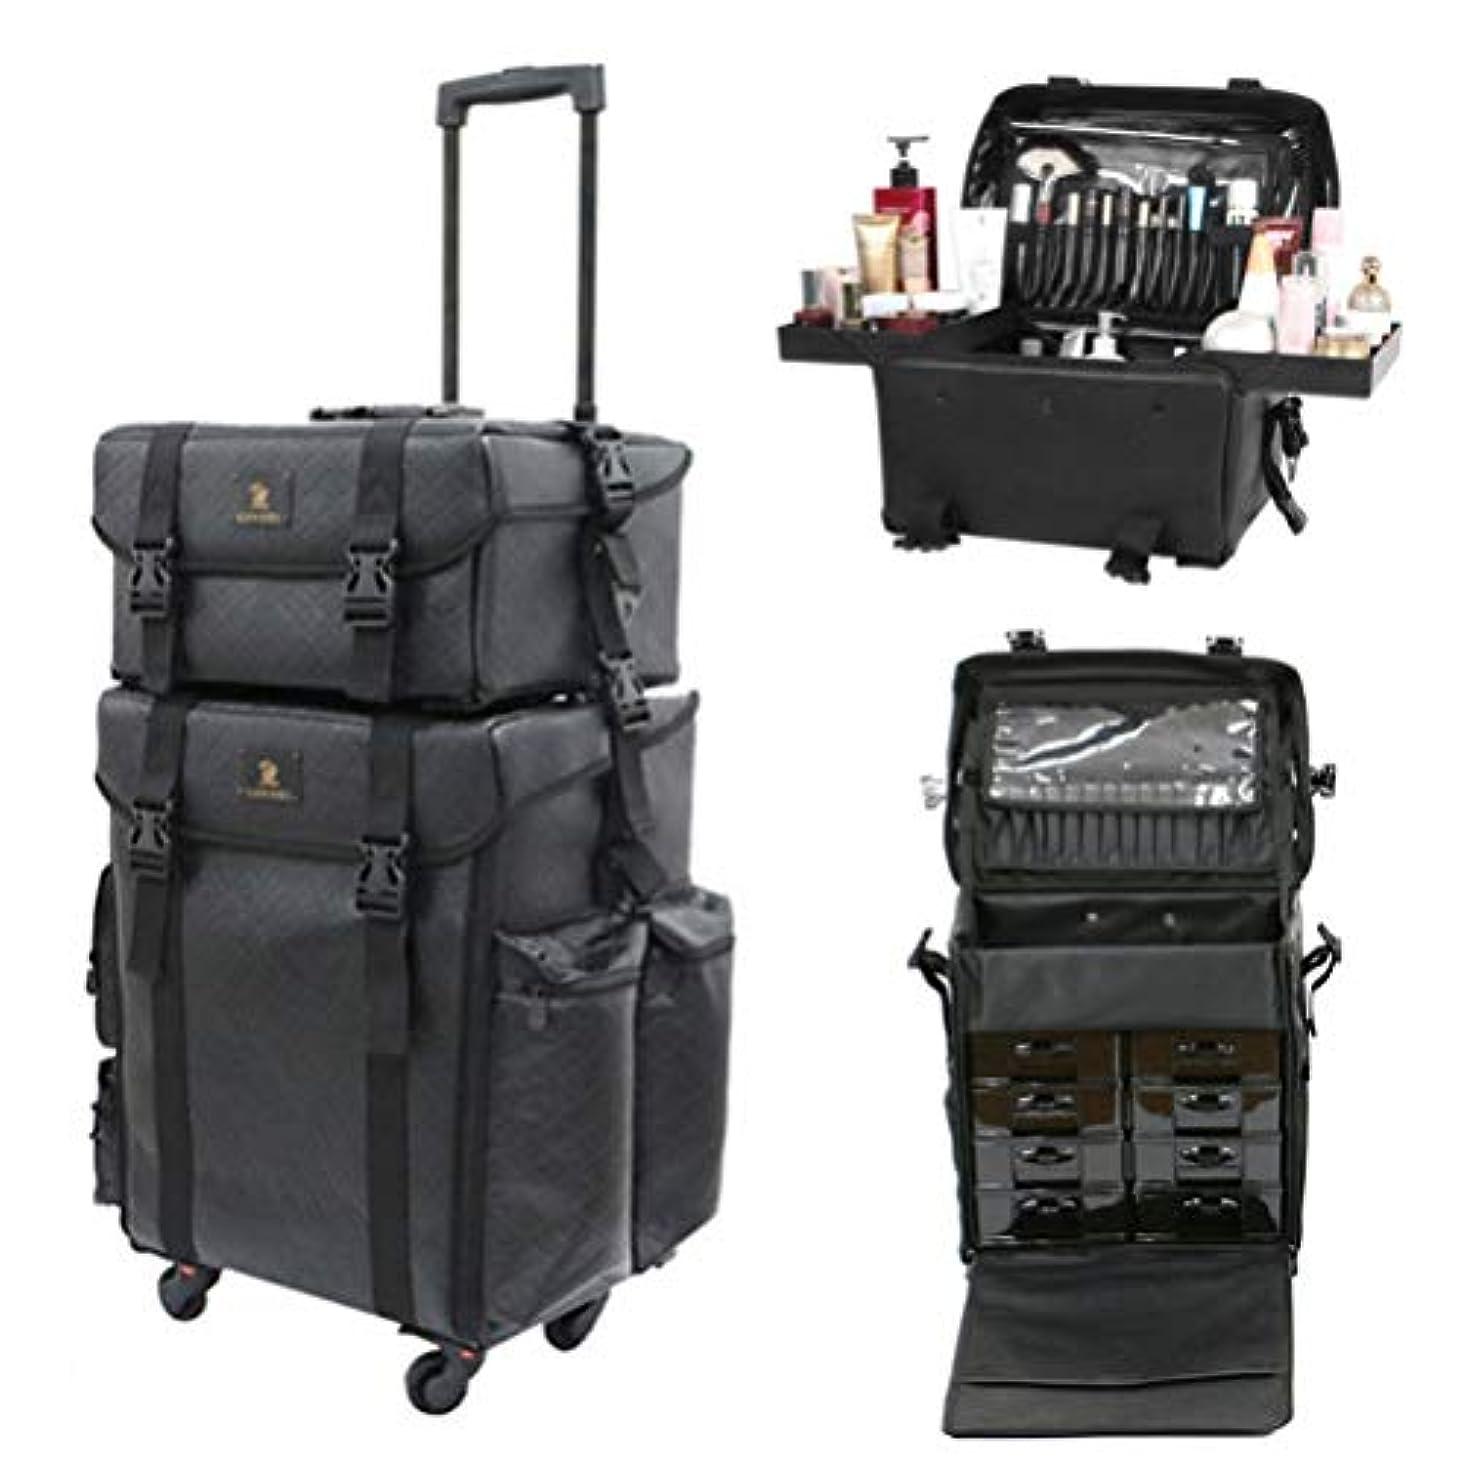 消費するキャスト馬力LUVODI メイクボックス 大容量 プロ コスメボックス 旅行 引き出し 化粧品収納 メイクキャリーケース 美容師 化粧箱 防水 レザー 黒